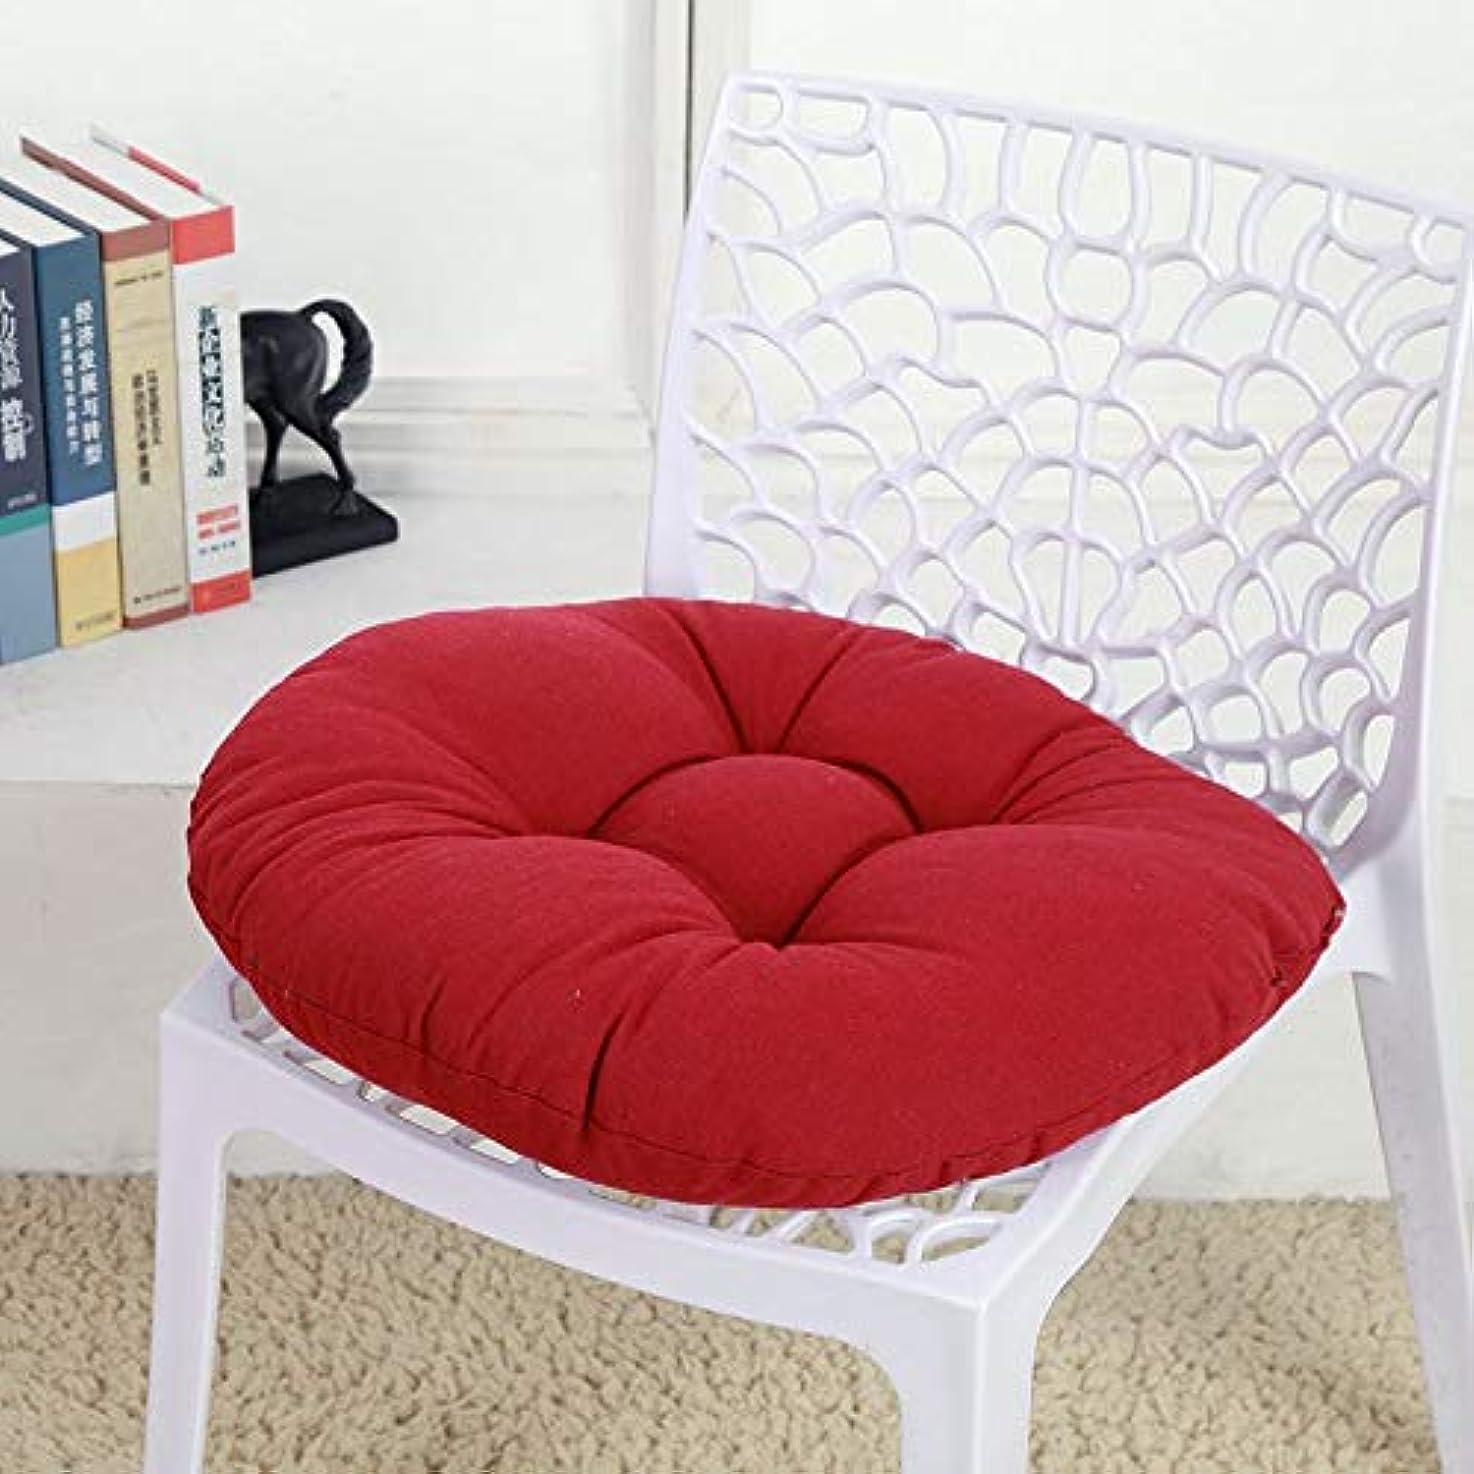 クリケットパンサー一族LIFE キャンディカラーのクッションラウンドシートクッション波ウィンドウシートクッションクッション家の装飾パッドラウンド枕シート枕椅子座る枕 クッション 椅子